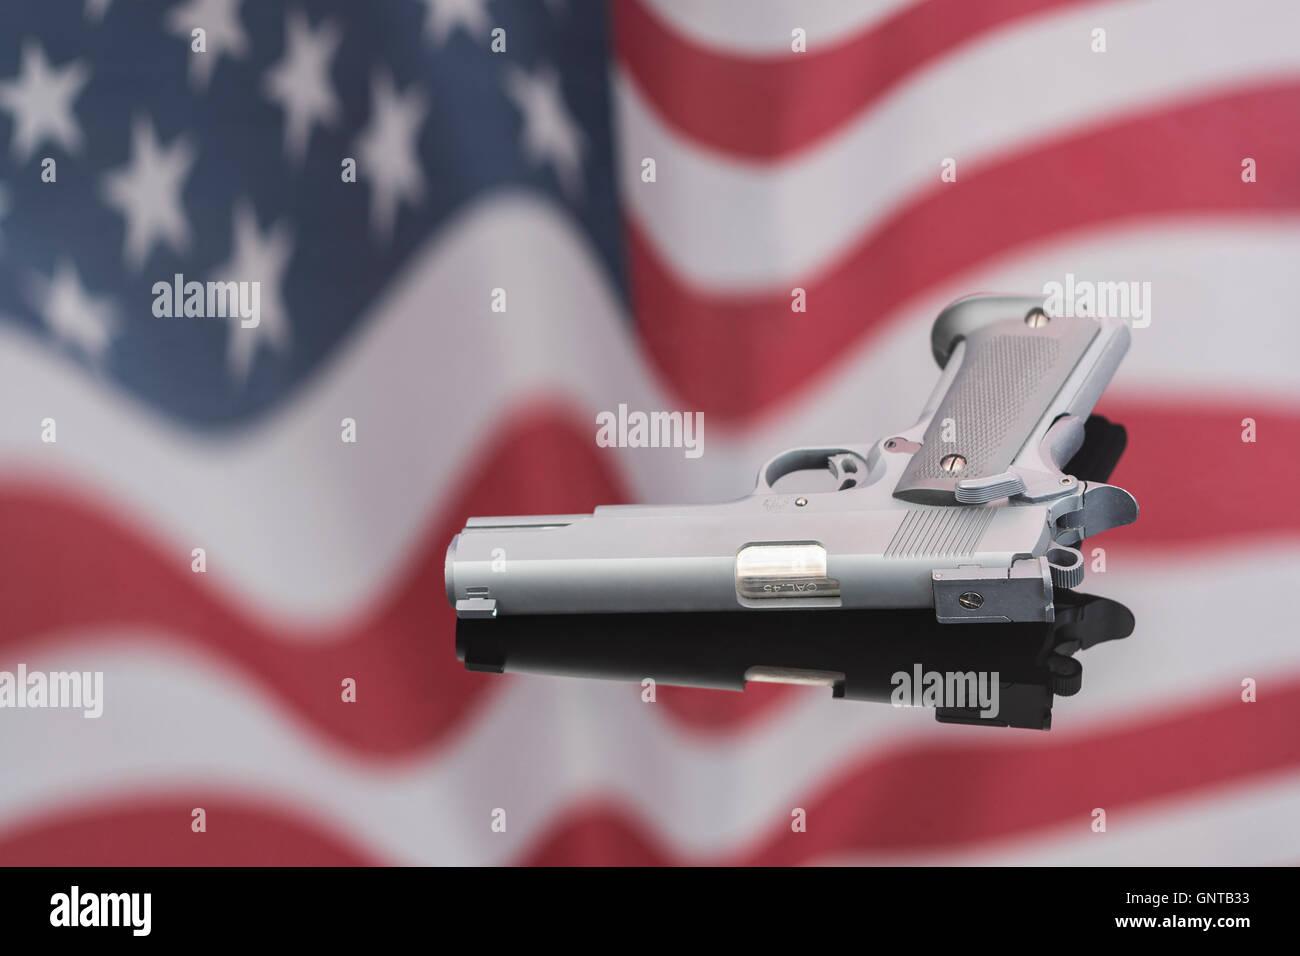 Replika Colt 1911 a gegen Reflexion der US Flag/Stars & Stripes - visuelle Metapher für Waffenbesitz, US Stockbild